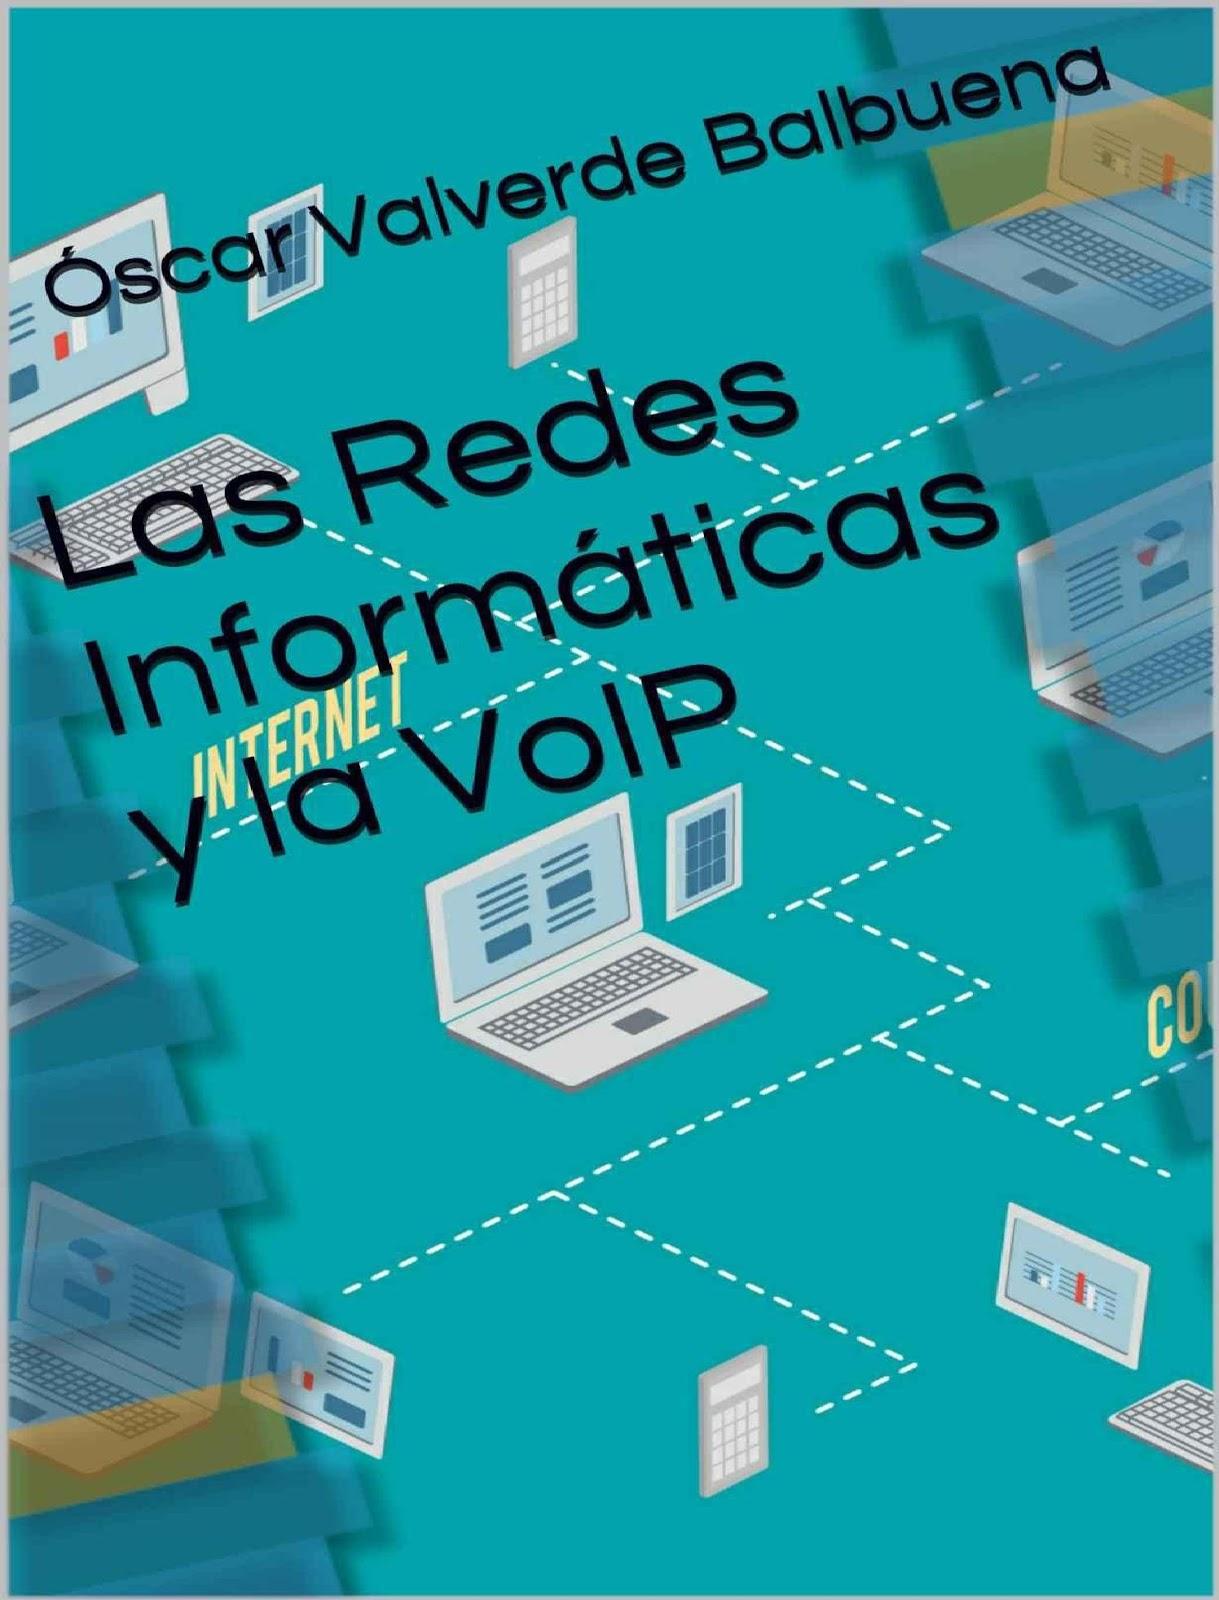 Las redes informáticas y la VoIP – Óscar Valverde